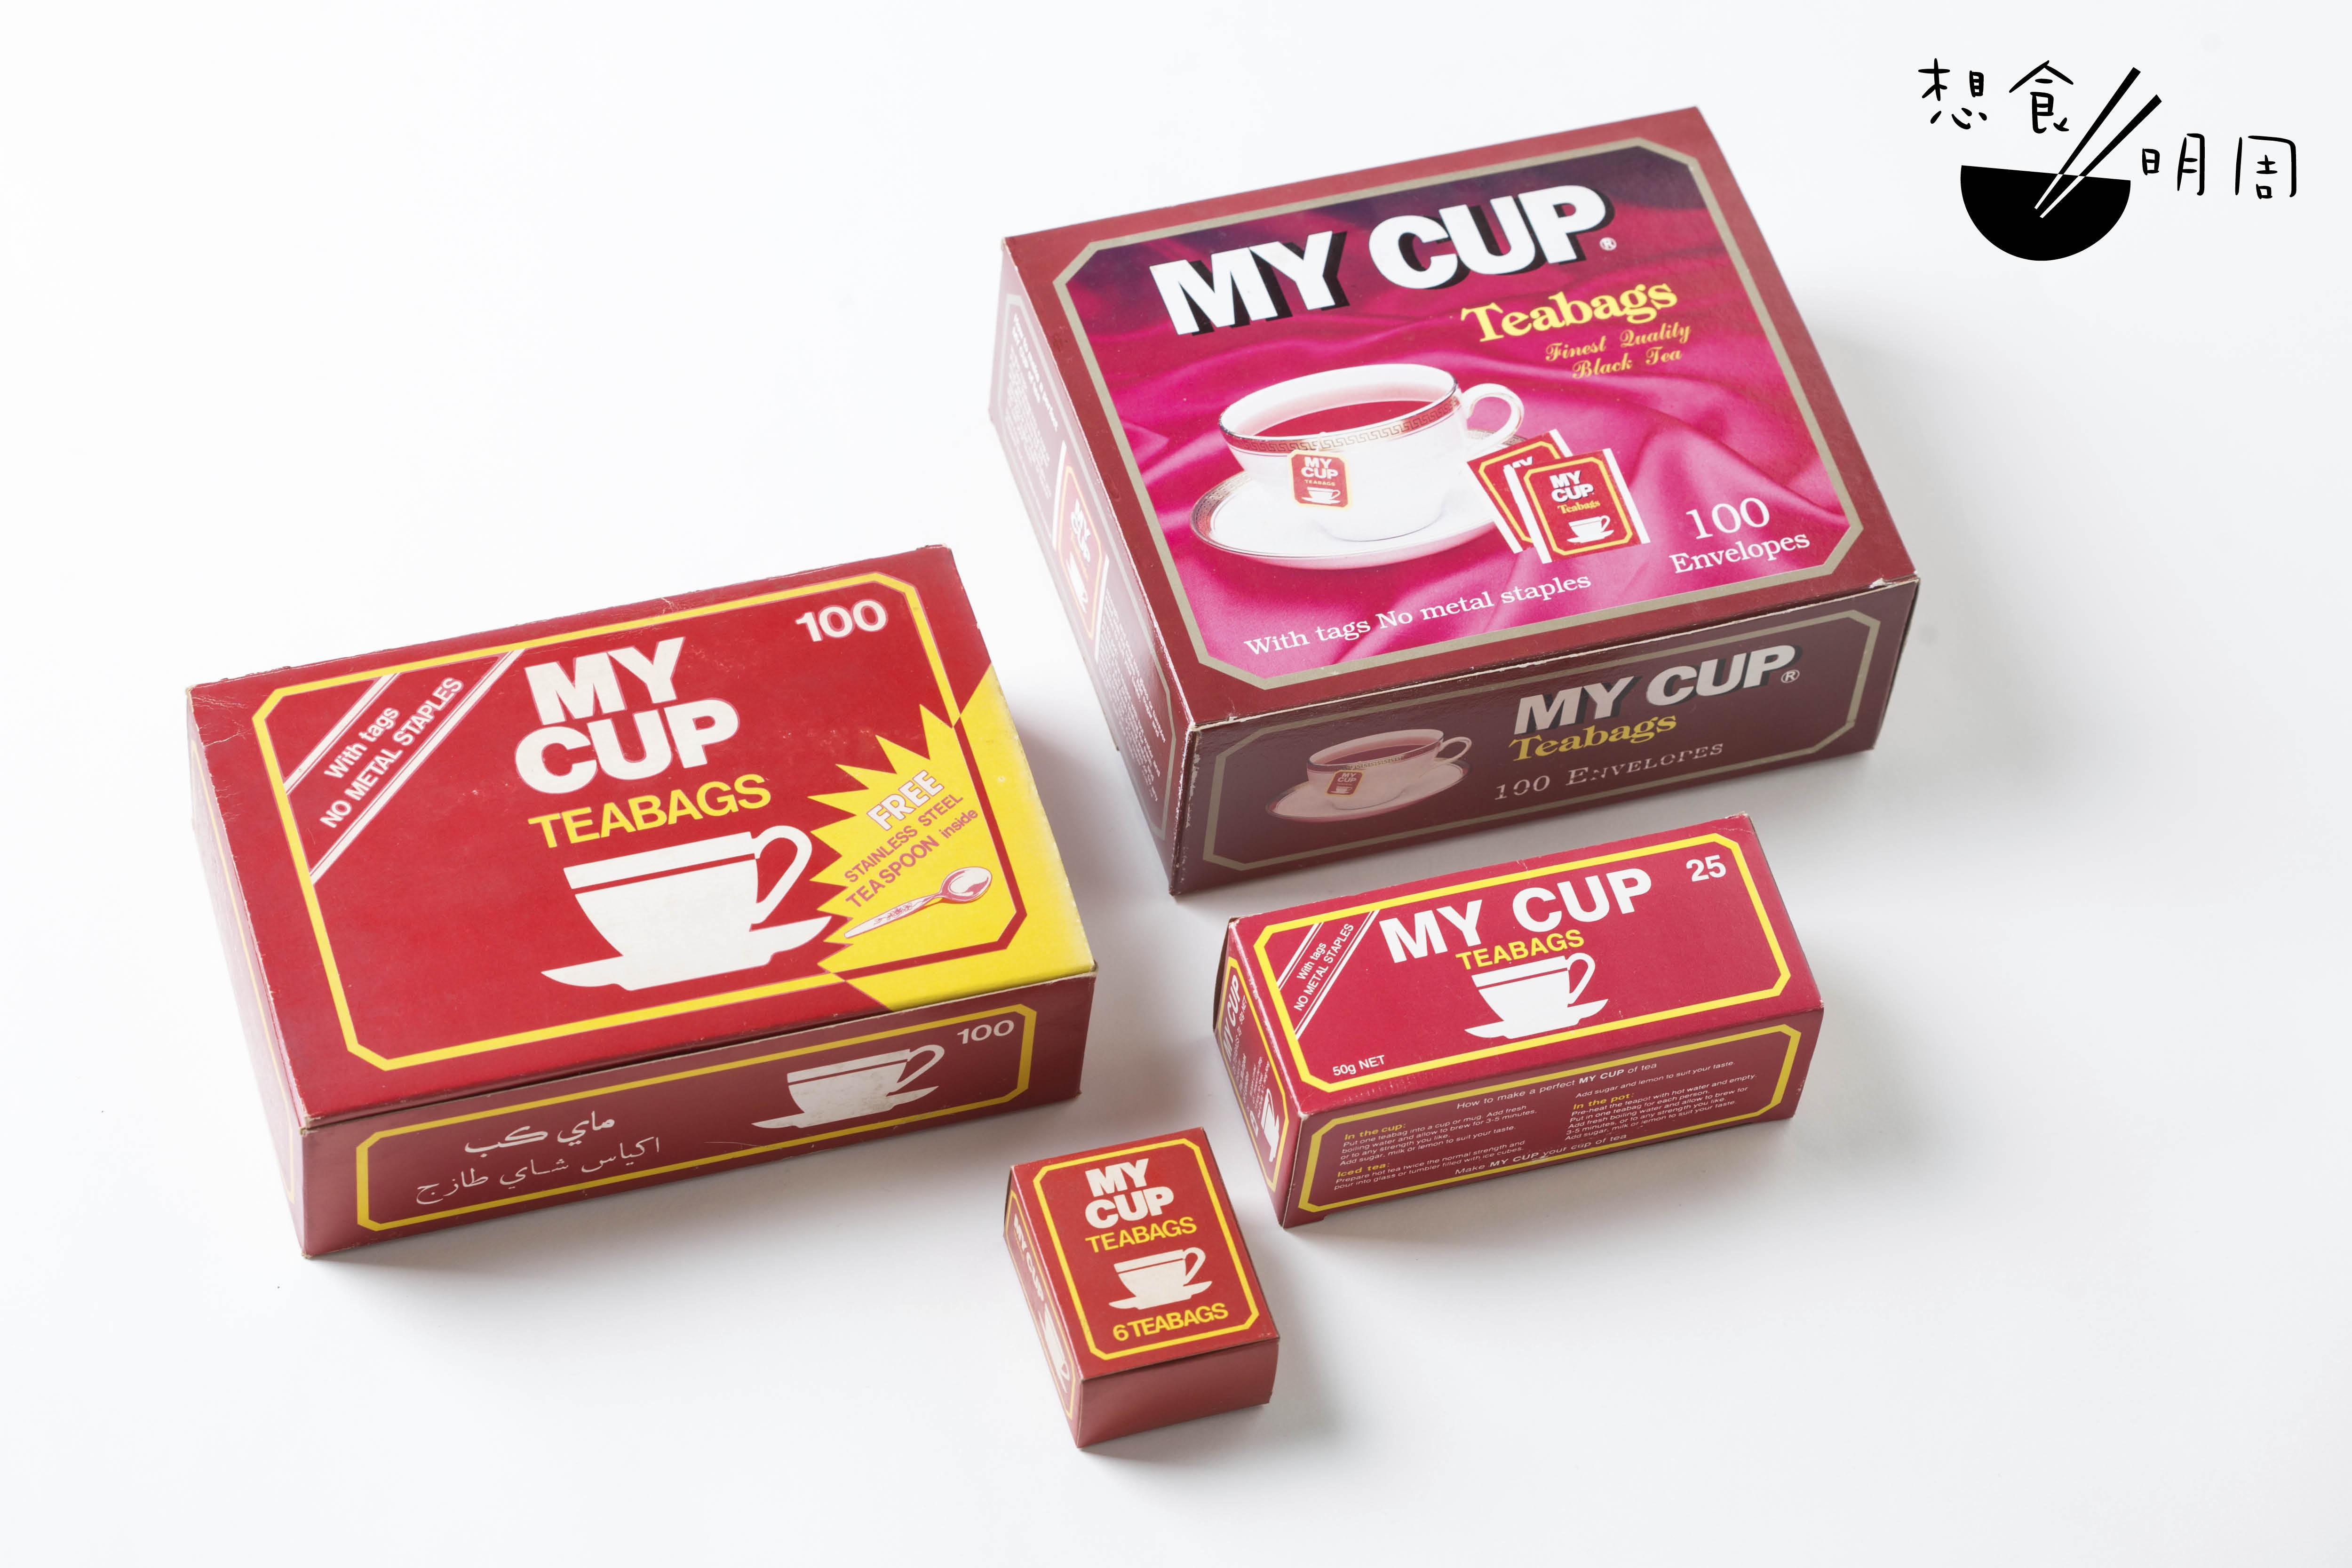 王芝泰成立公司之初,以陸羽之名賣中式茶包前,曾出售斯里蘭卡紅茶。如今把大小紙盒拼湊在一起,有的骰如紙手巾的推銷樣版,也有附贈茶匙的百袋茶包大盒裝。